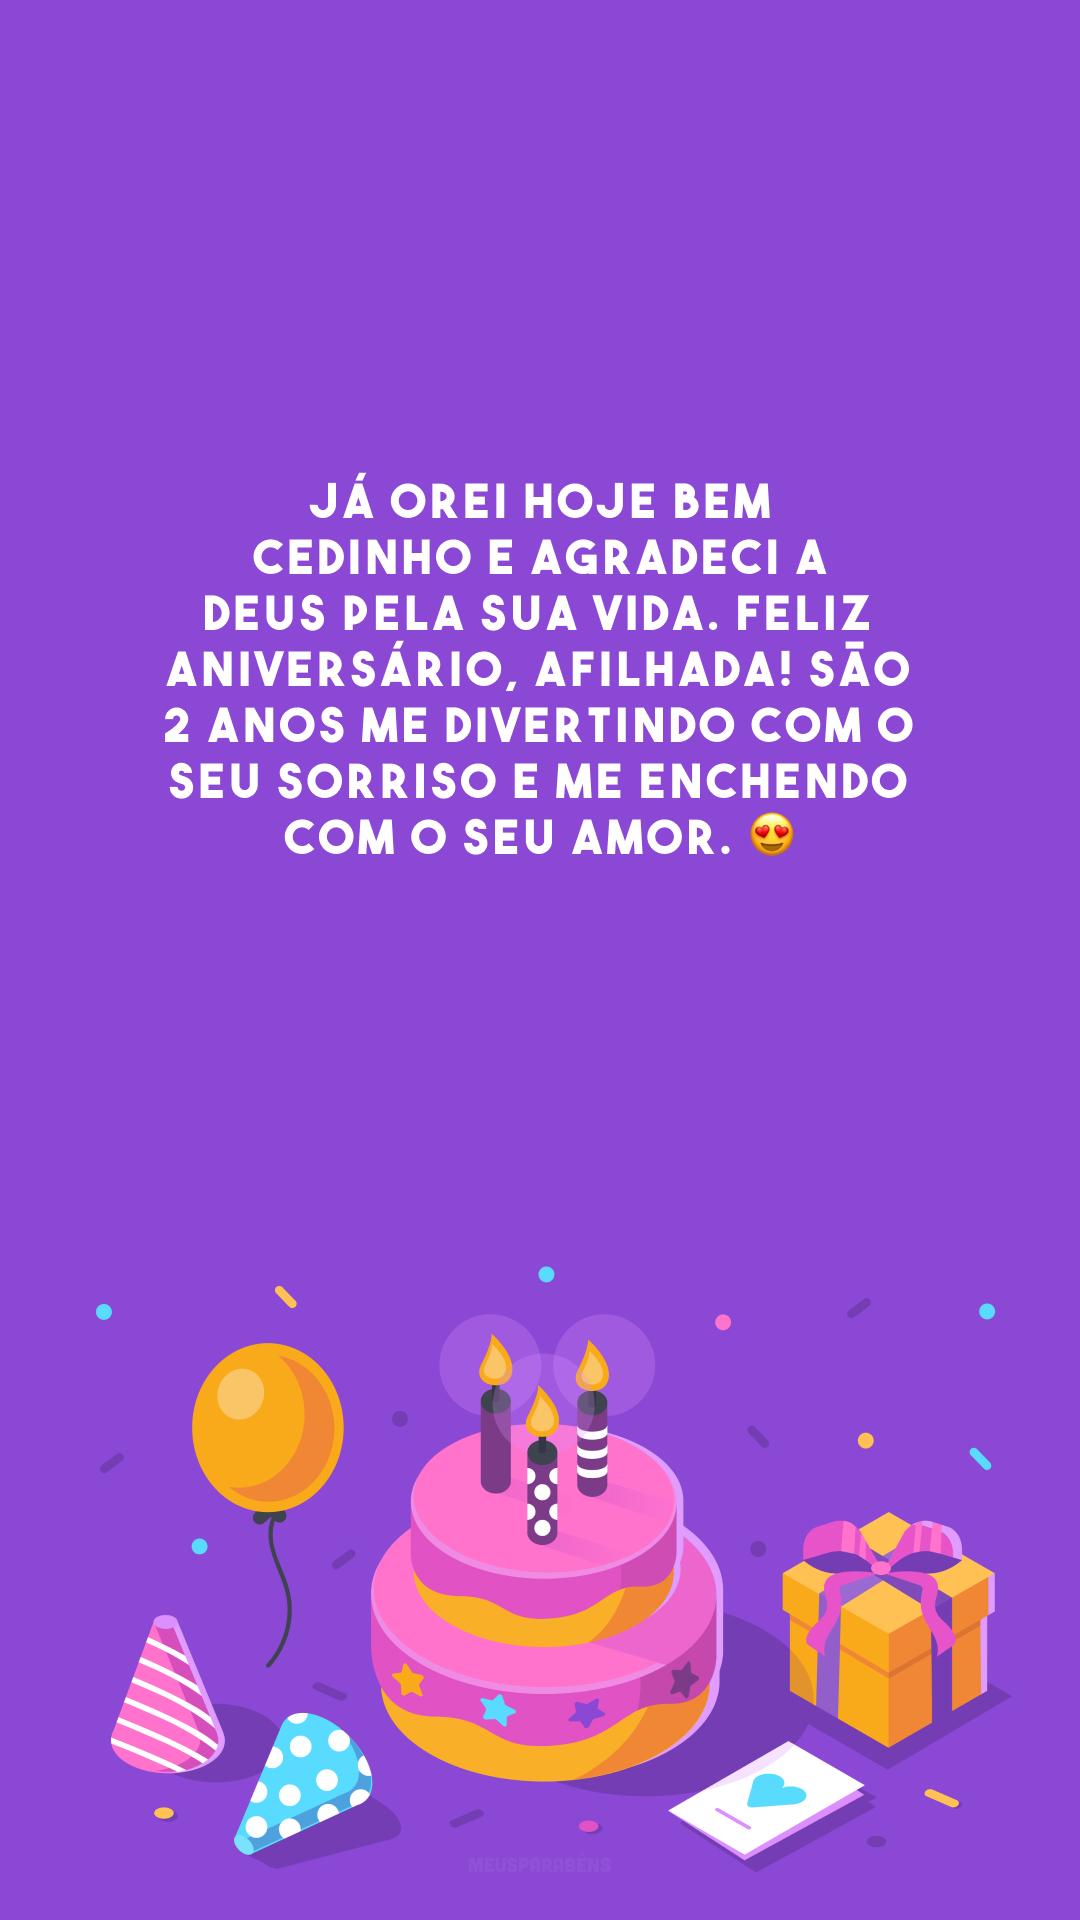 Já orei hoje bem cedinho e agradeci a Deus pela sua vida. Feliz aniversário, afilhada! São 2 anos me divertindo com o seu sorriso e me enchendo com o seu amor. 😍